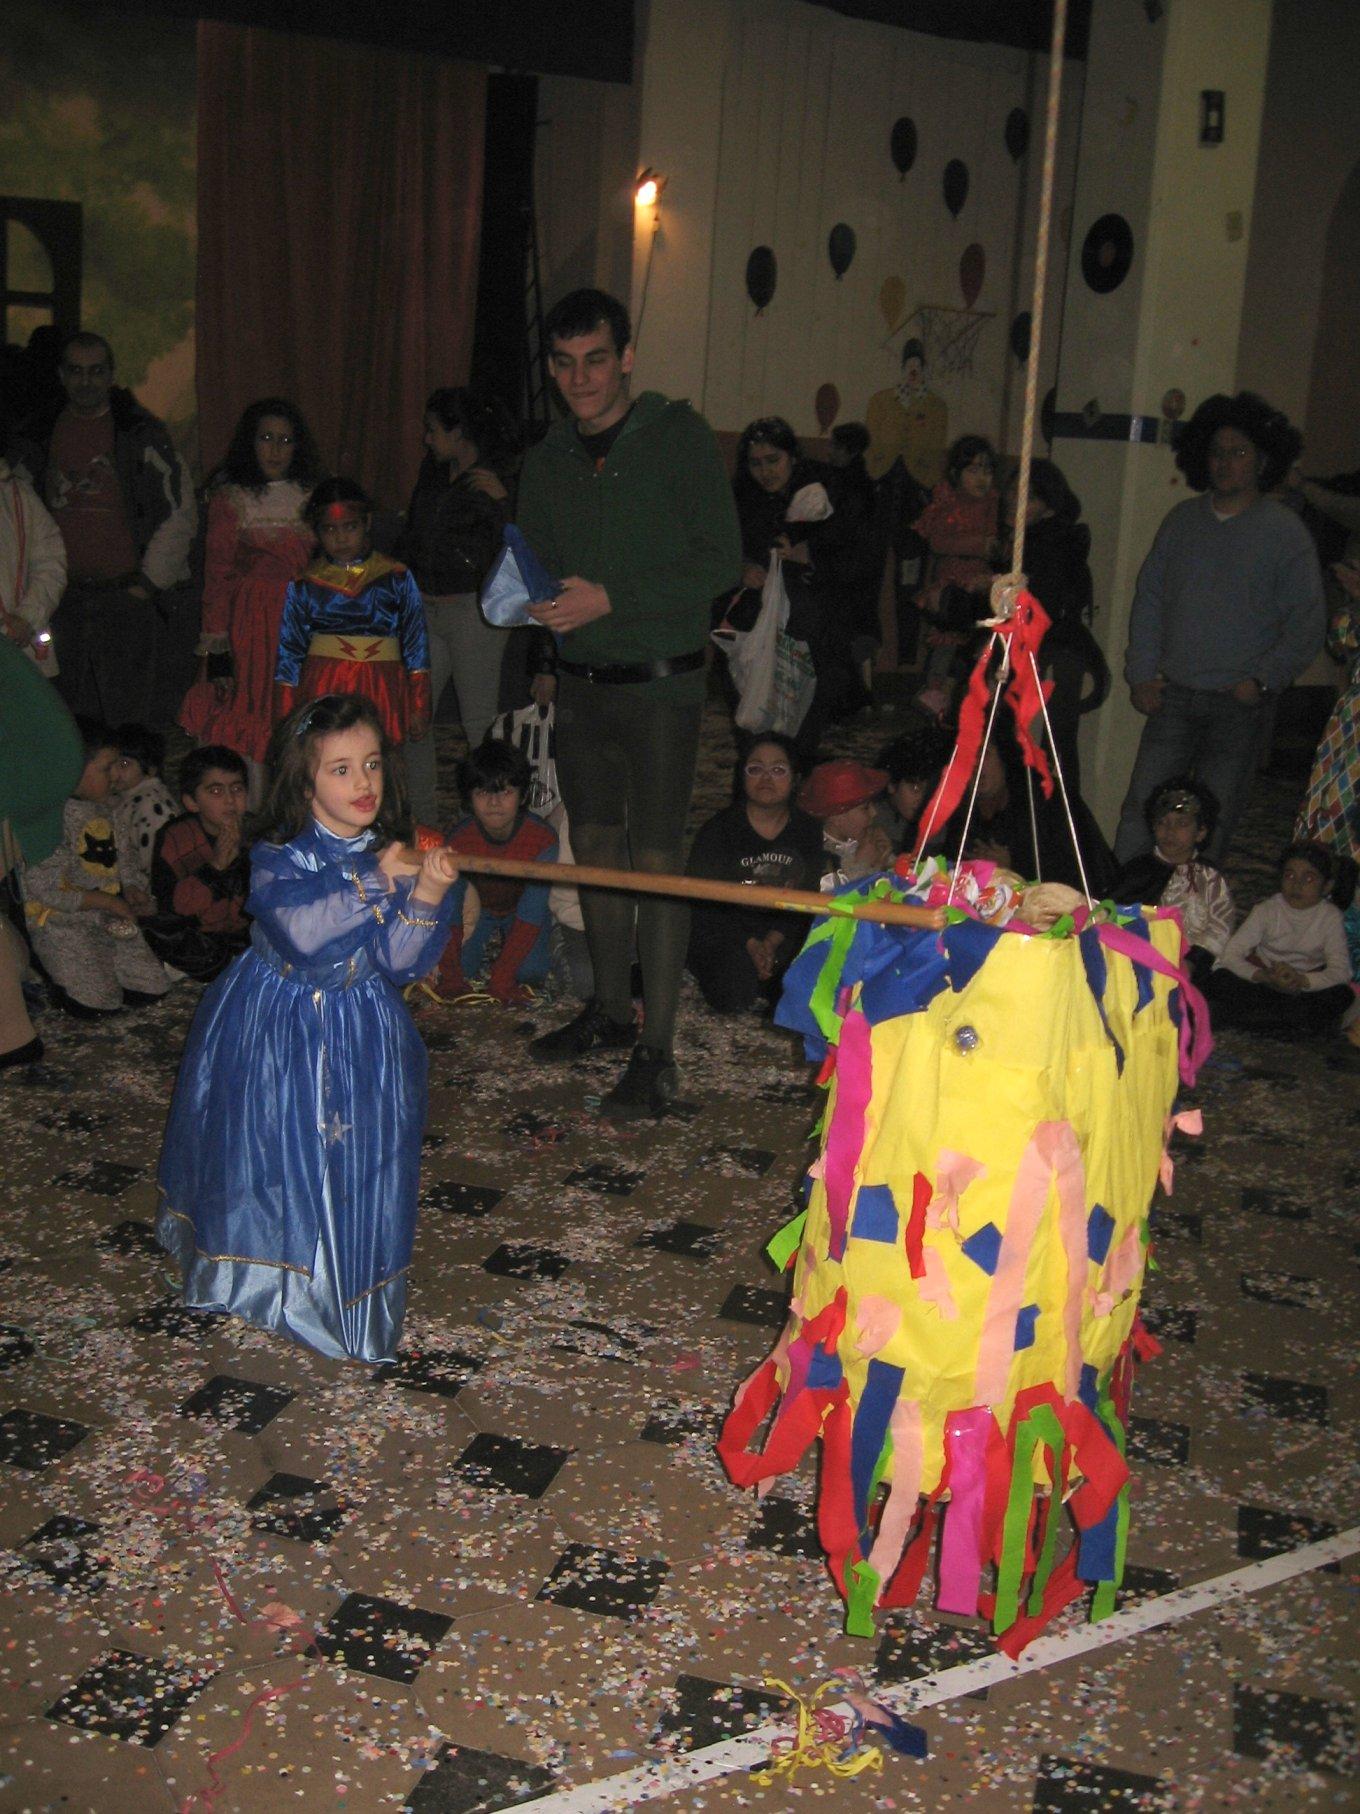 Pentolaccia-2009-02-22--17.11.16.jpg